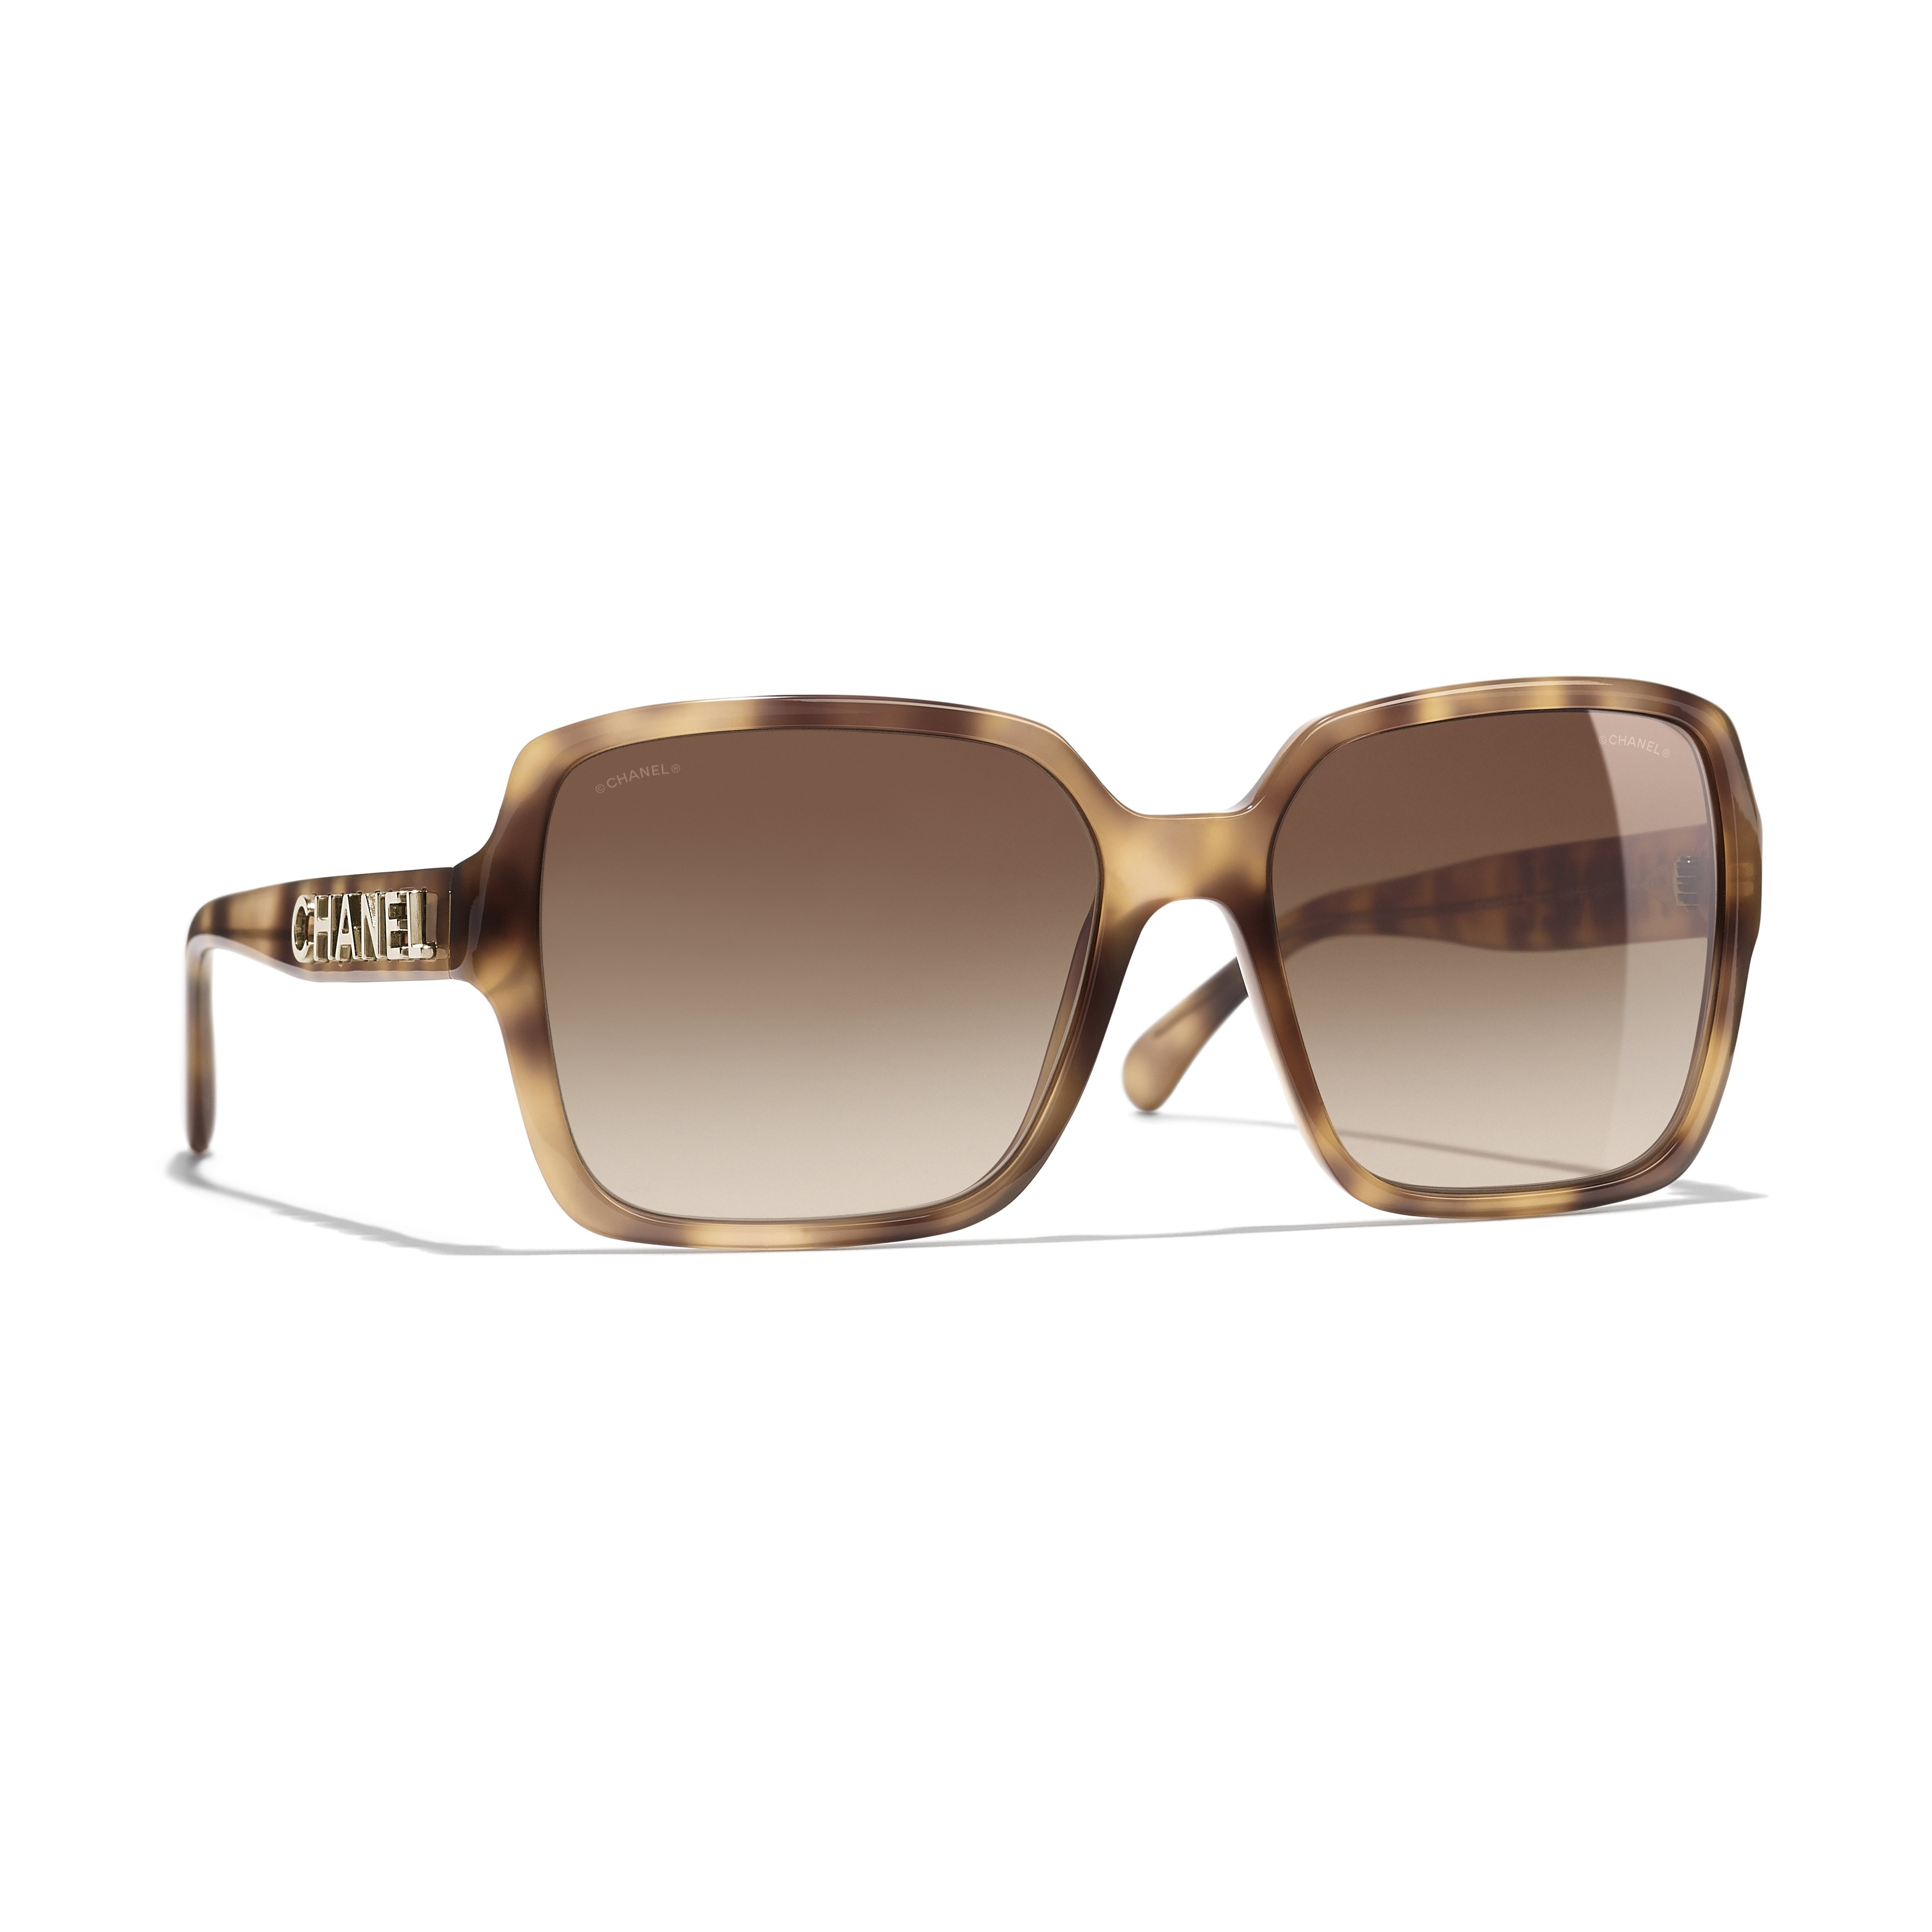 38d5681844 ▷ Gafas Chanel - Tienda de gafas online - OpticalH